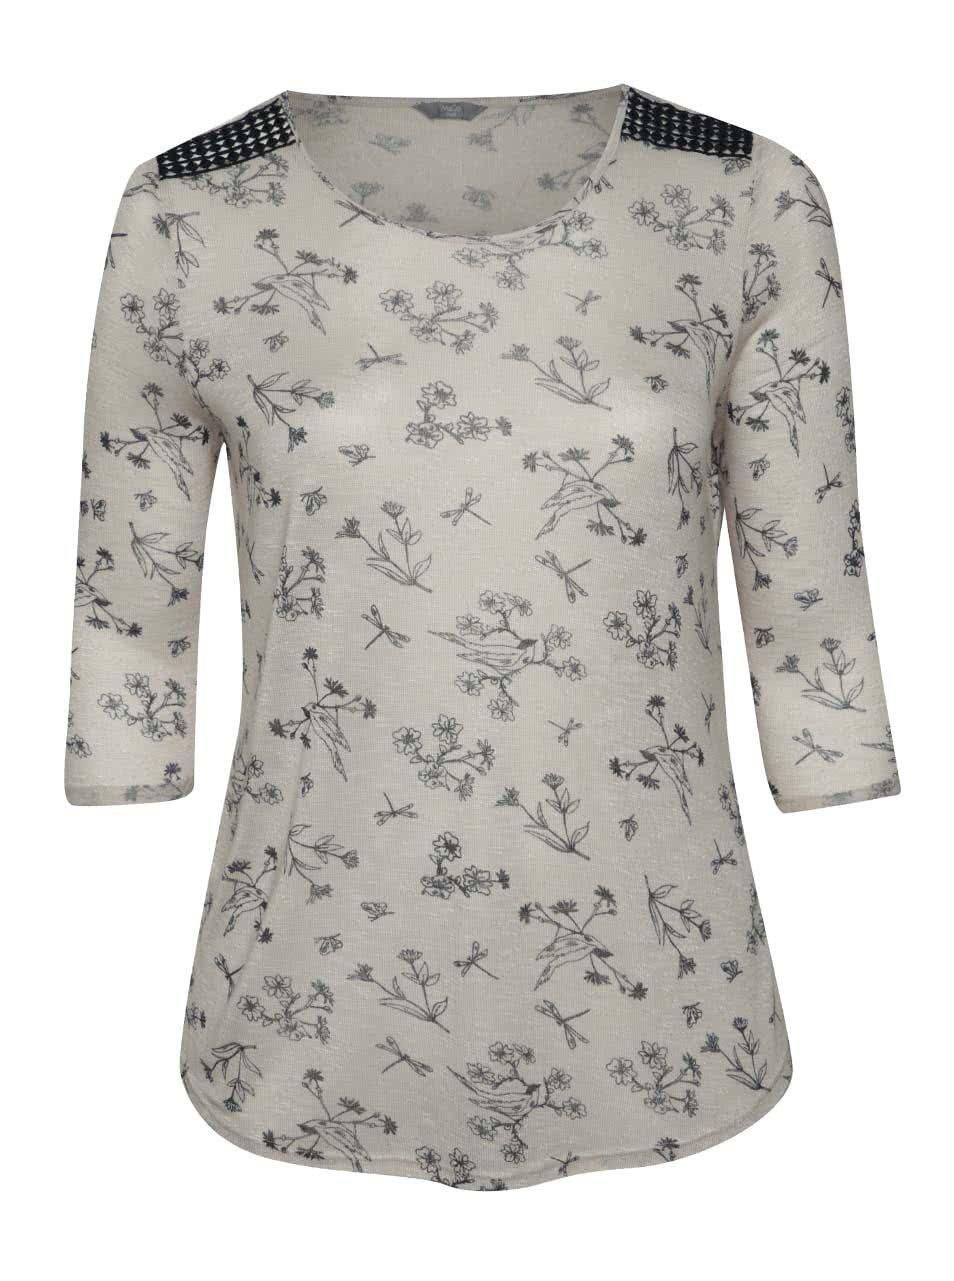 Béžové dámské květované tričko s 3/4 rukávem M&Co